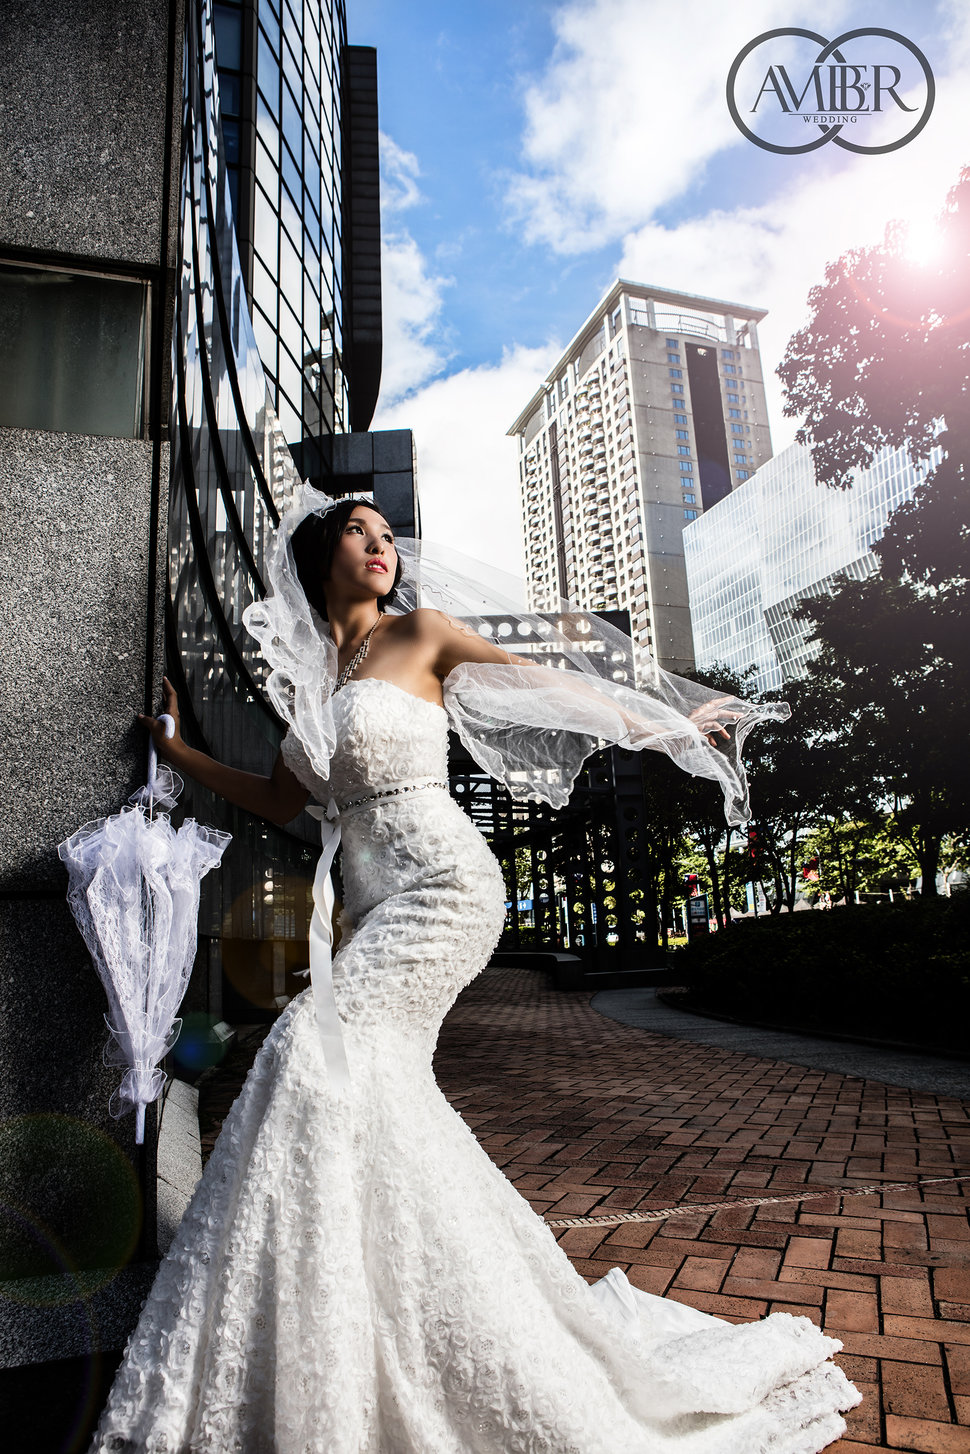 婚紗攝影(編號:271052) - AMBER WEDDING - 結婚吧